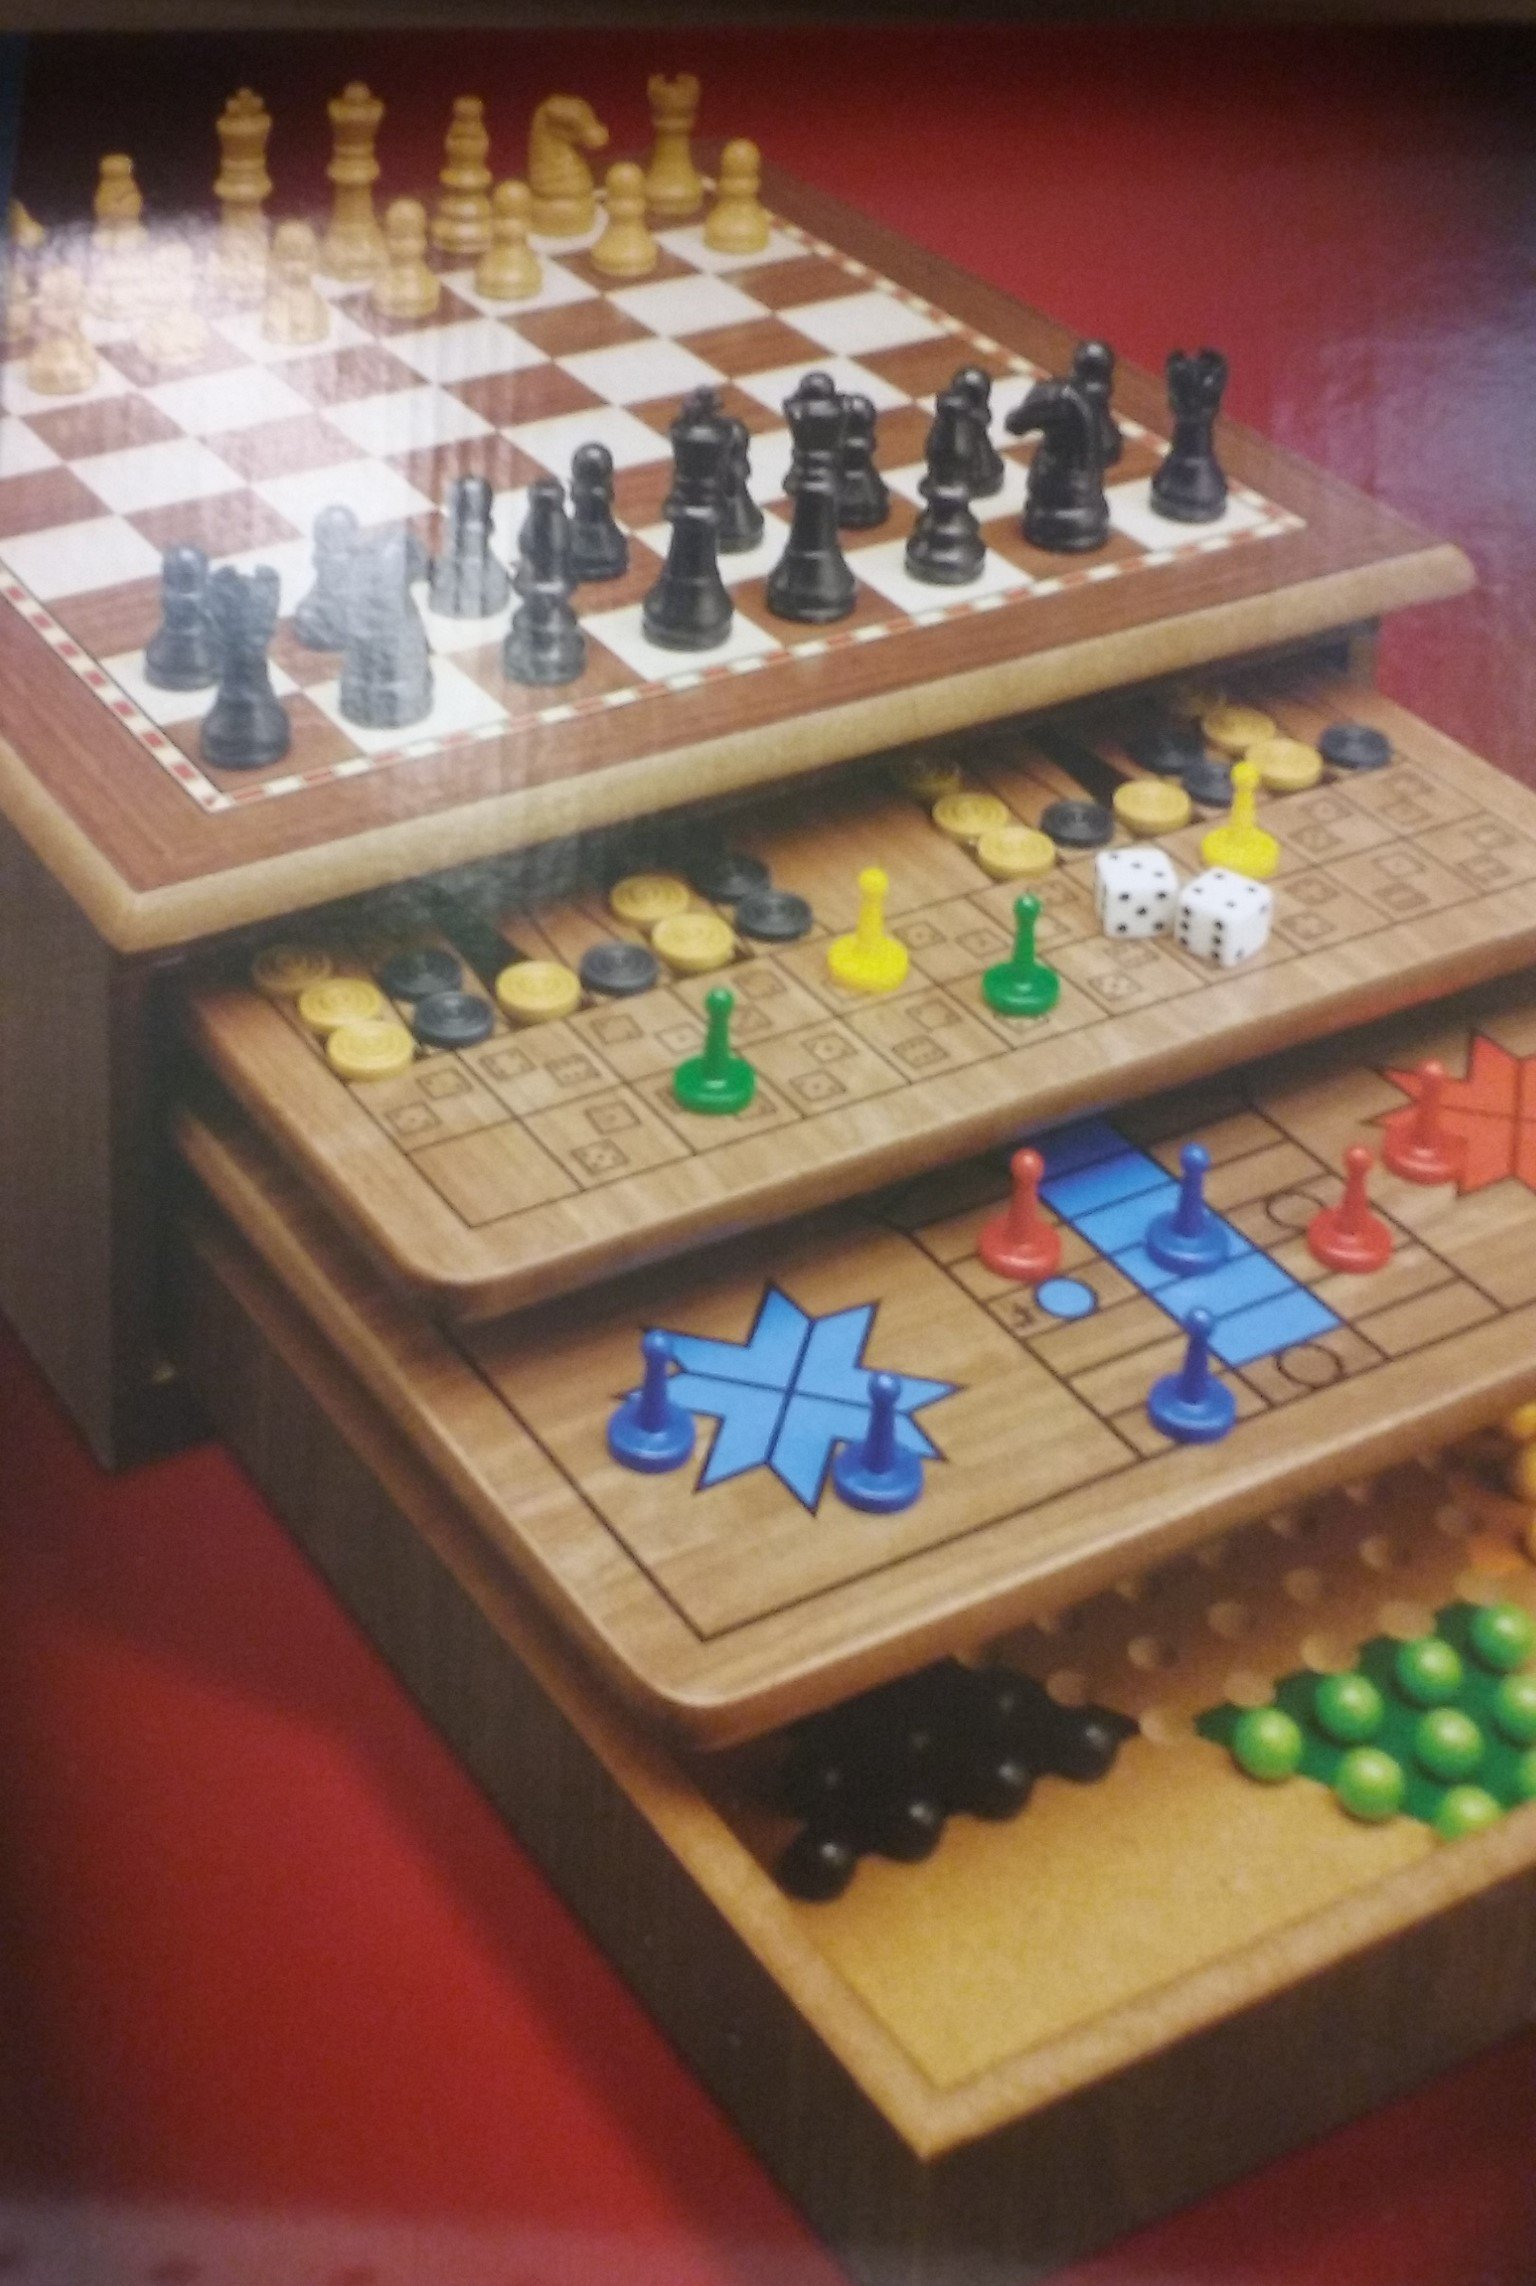 CARDINAL GAMES 5F5E7A2 Super Set de Madera 10 Juegos Reunidos: Amazon.es: Juguetes y juegos